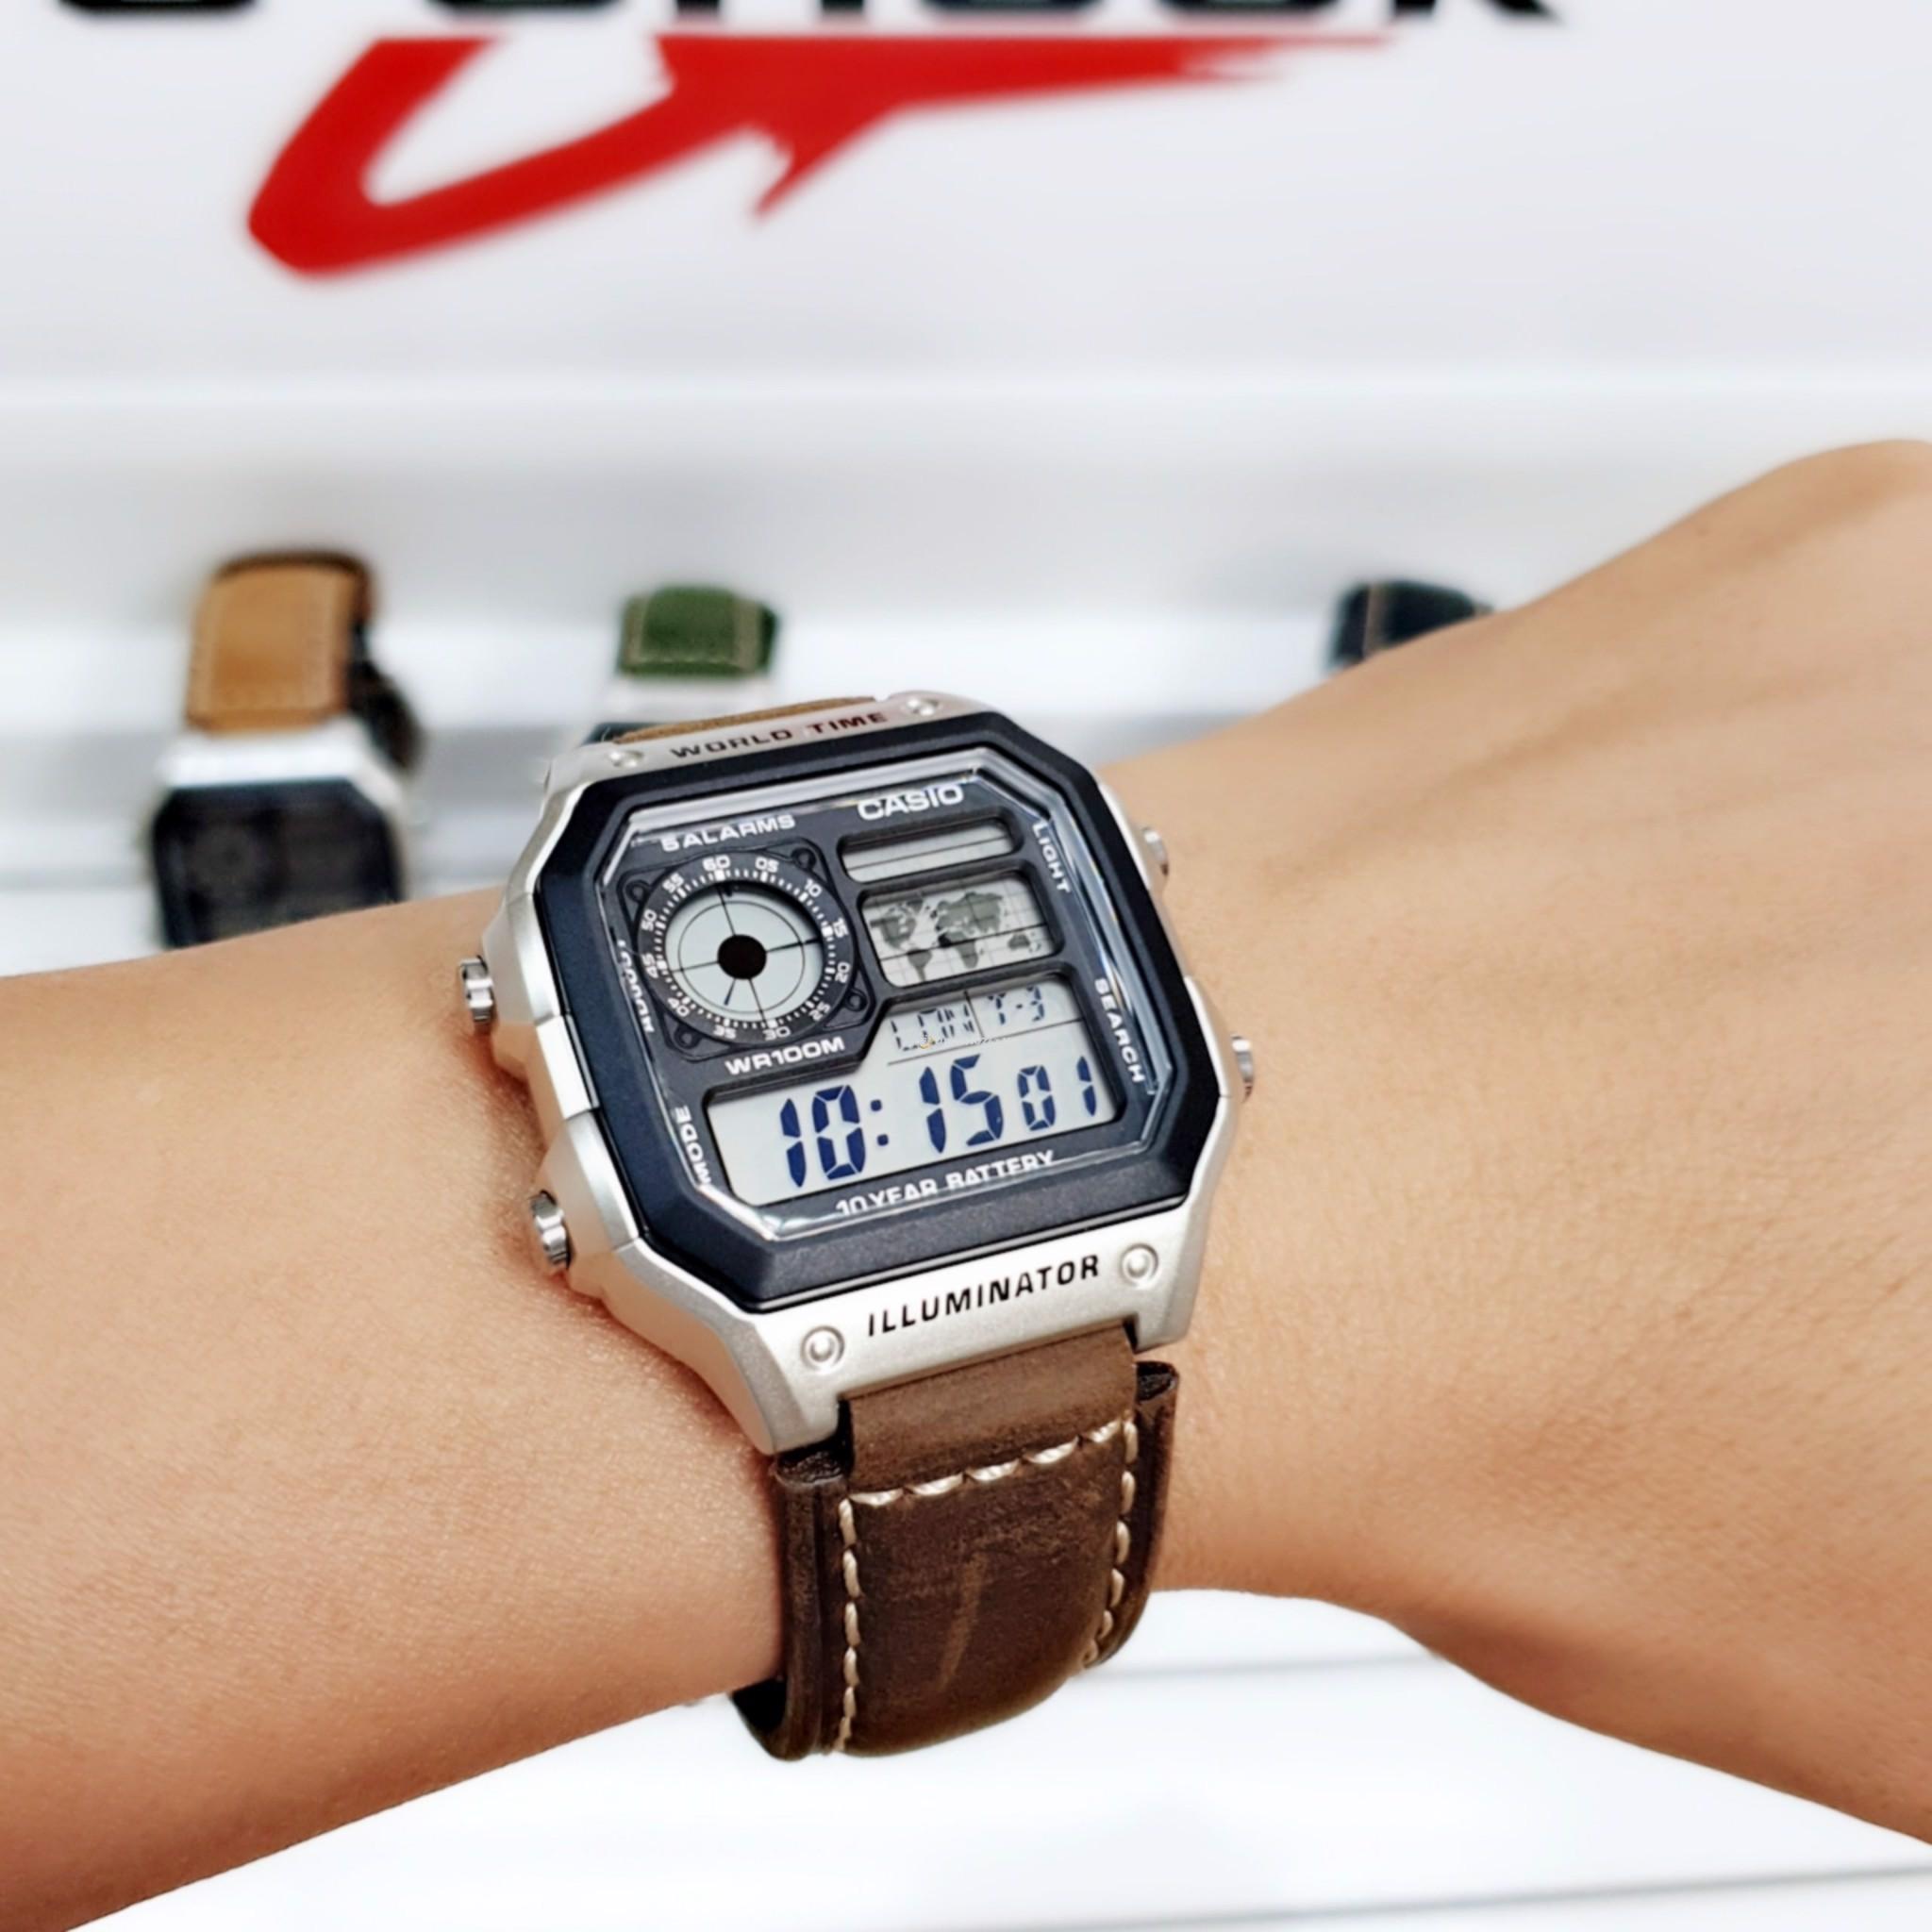 Đồng hồ Casio AE1200WHD là một mẫu đồng hồ cổ điển, bắt mắt với vẻ ngoài độc lạ